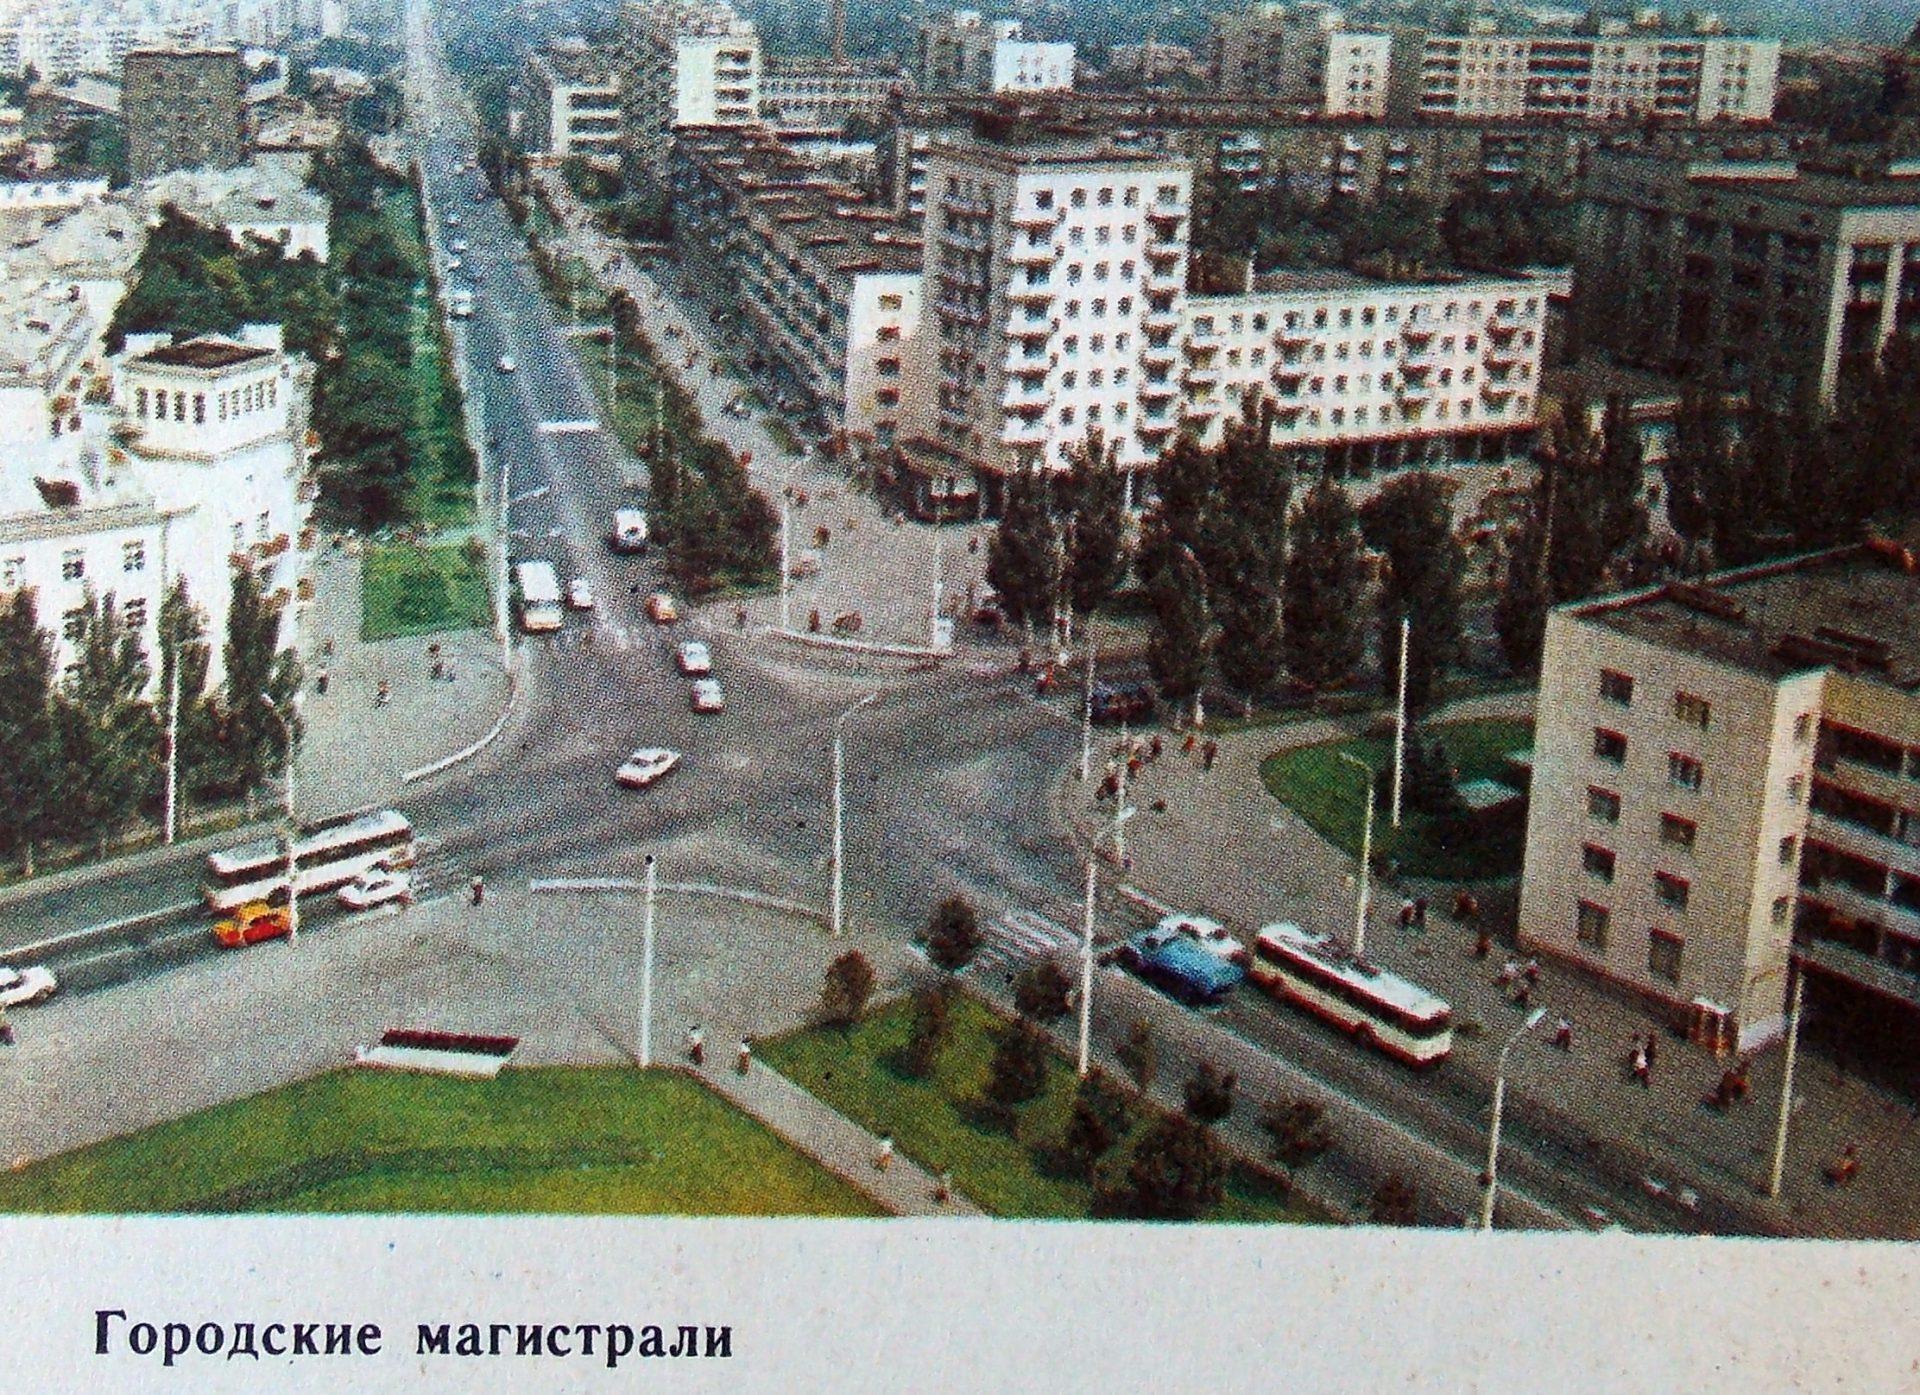 Перейменування як конфлікт способів соціального сприйняття міста: приклад м. Жданова